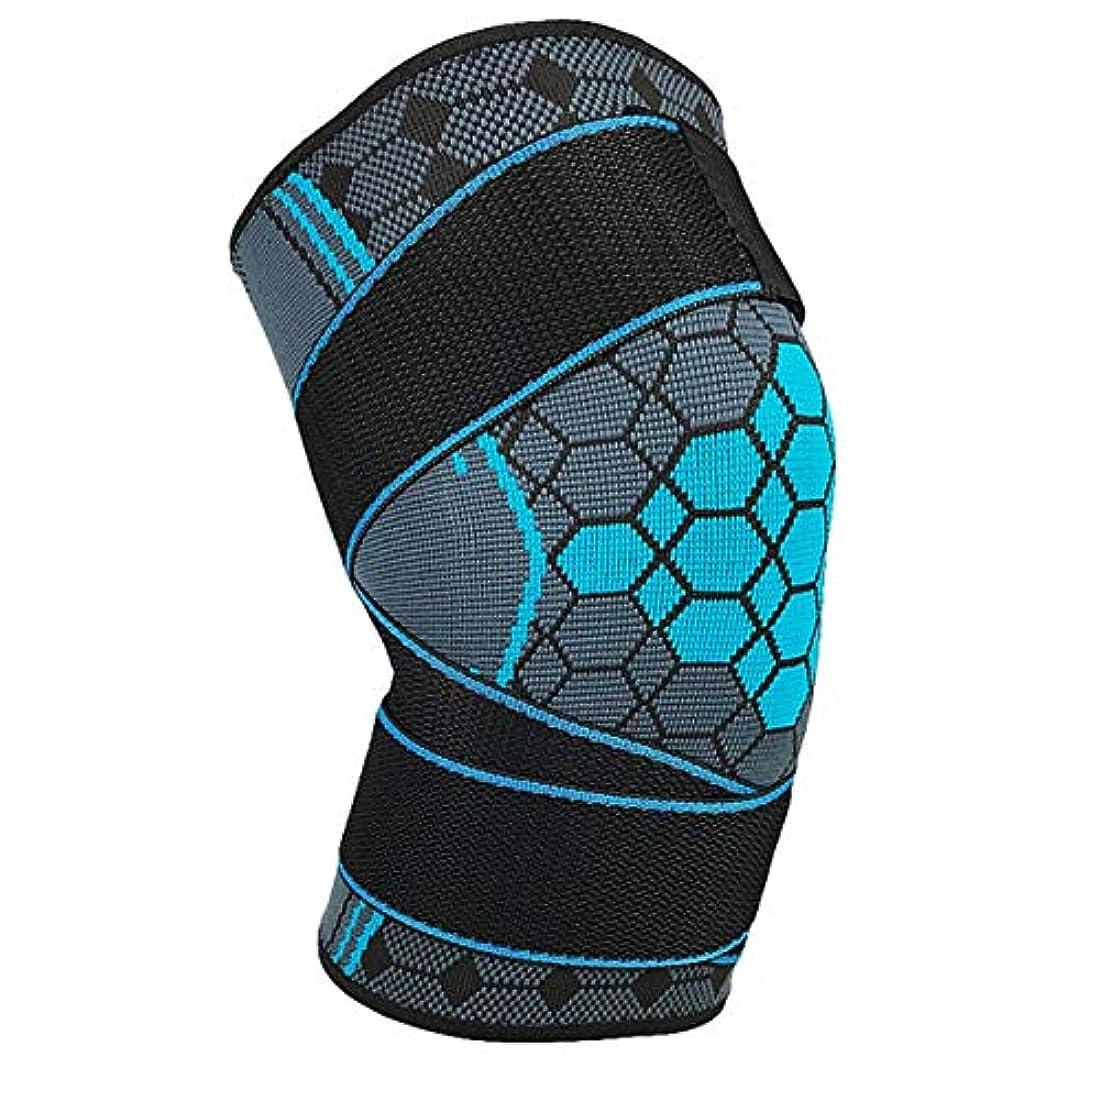 入植者絶対の先駆者快適な膝パッドヨガスポーツ保護パッドバレーボール落下膝サポート安全膝パッド耐久性膝ブレース-ブルーL